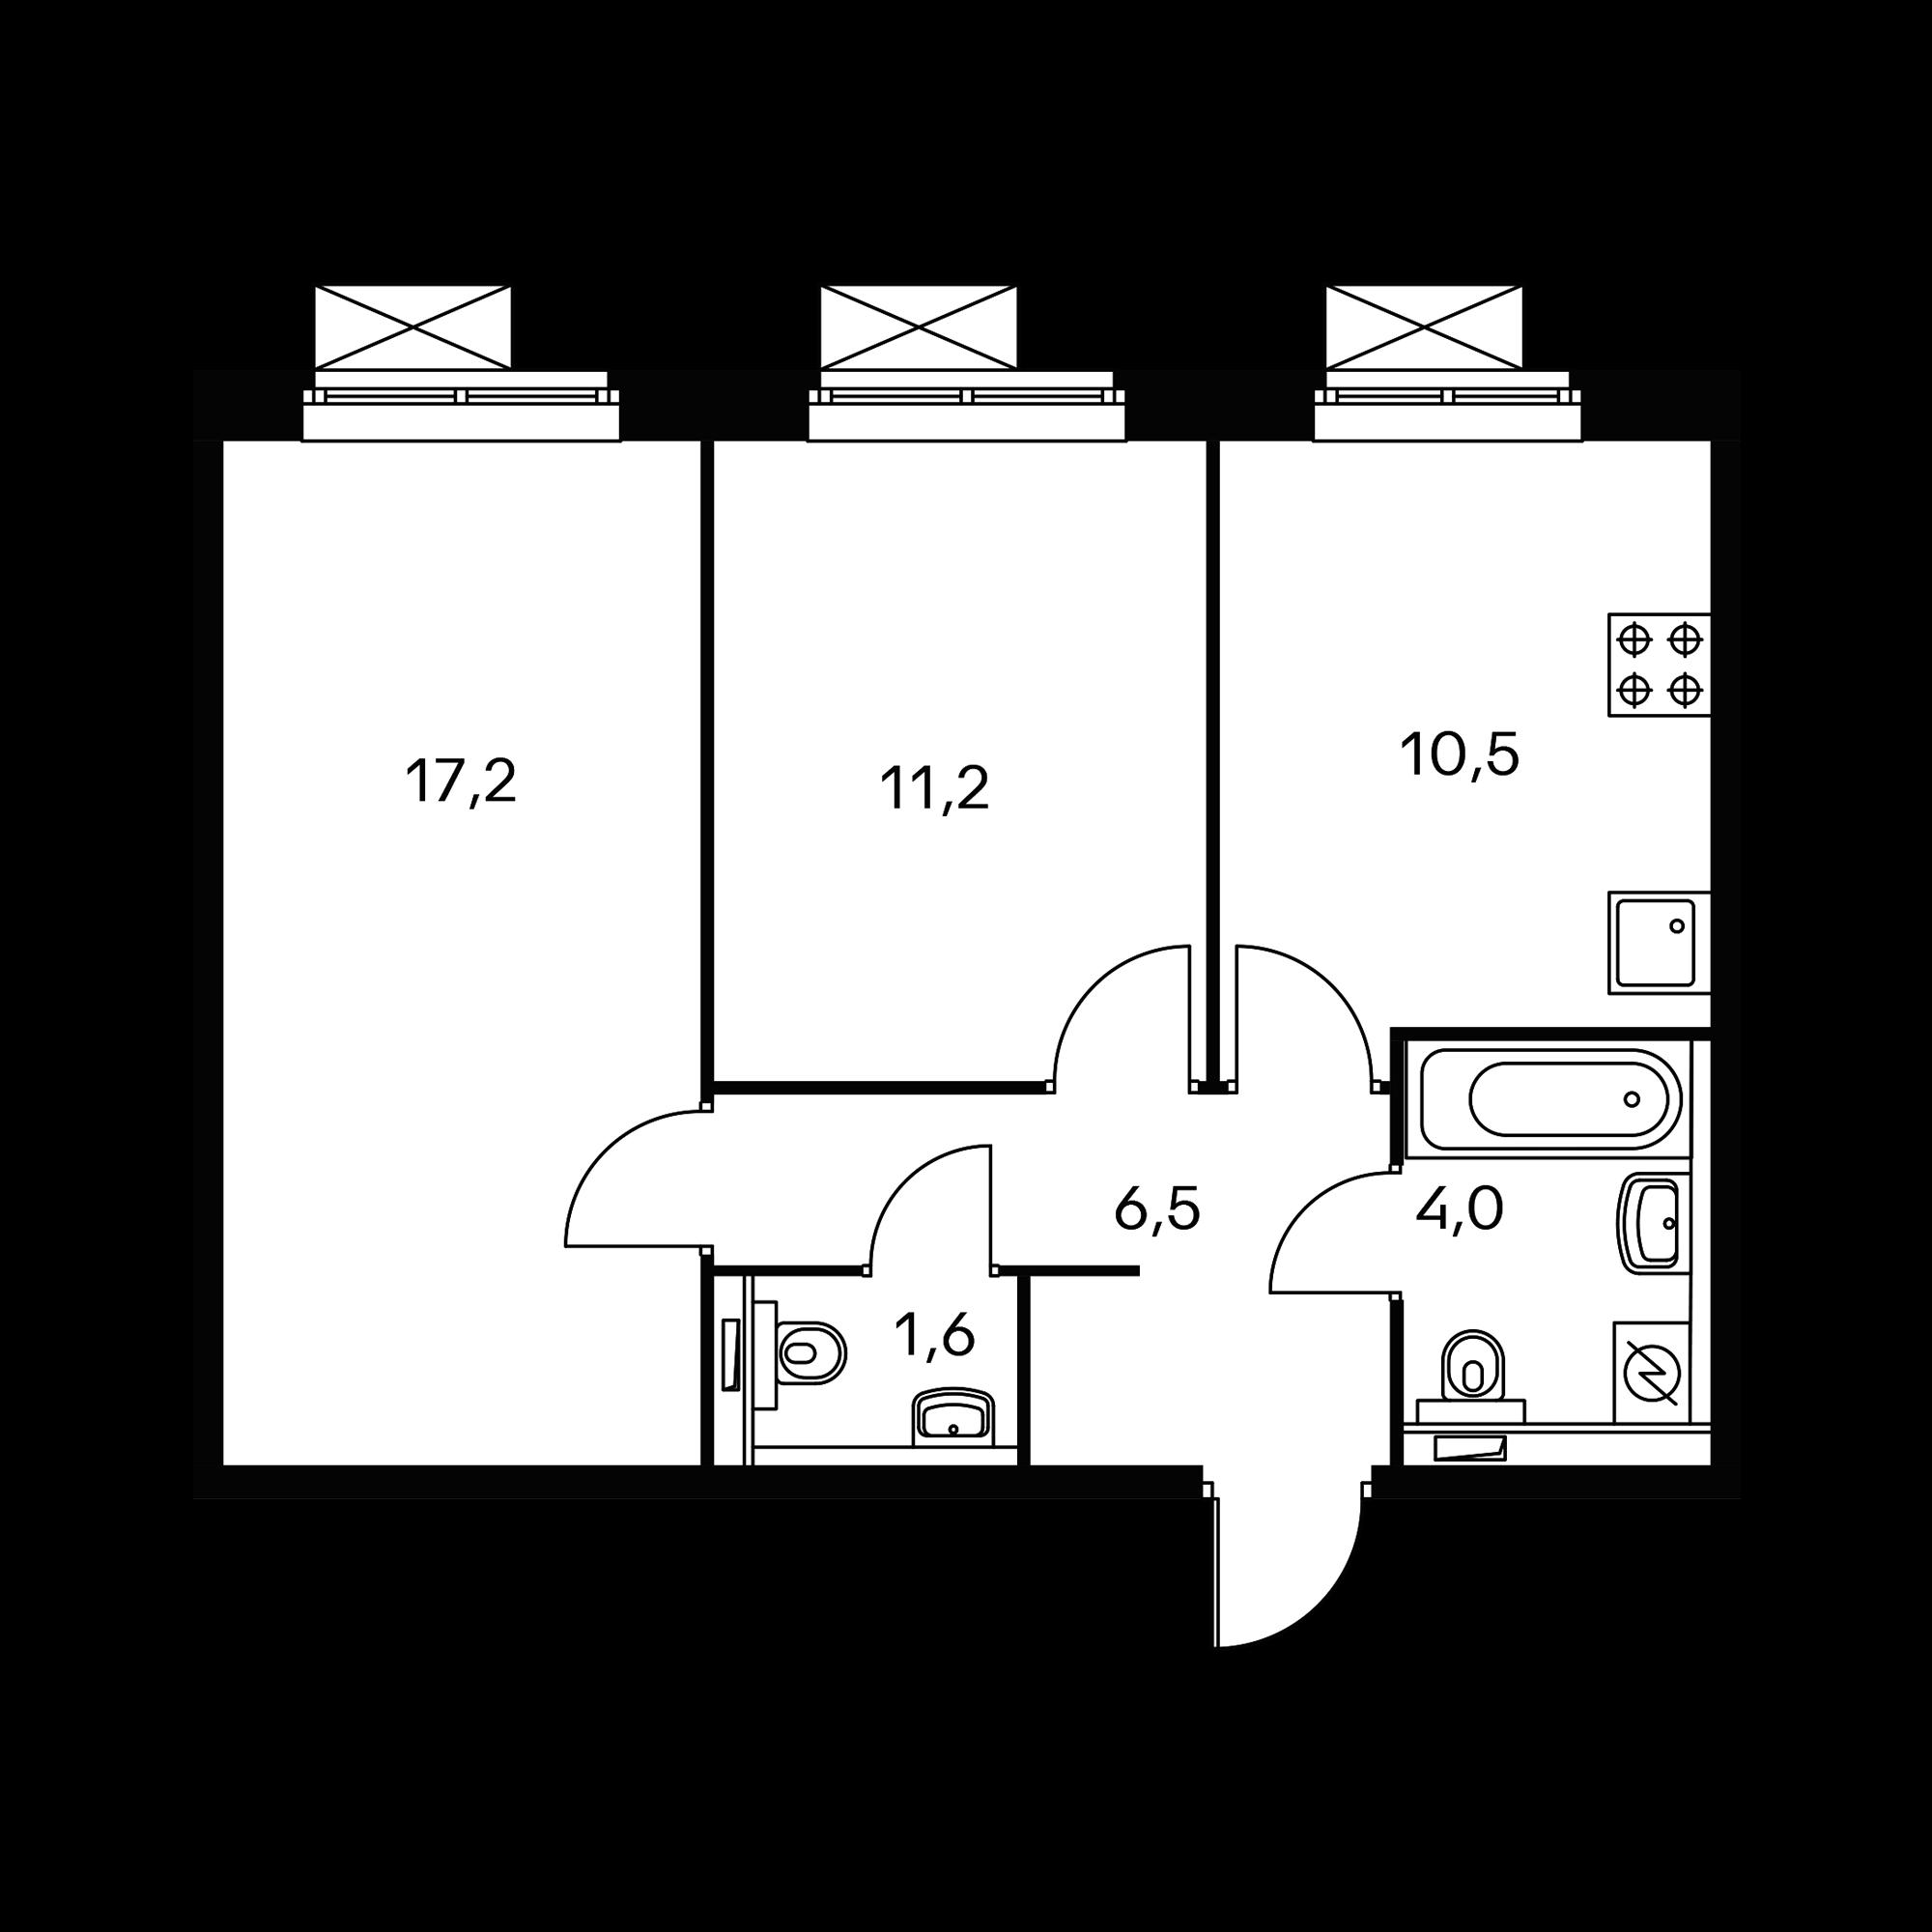 2KS6_9.0-1_S_Z